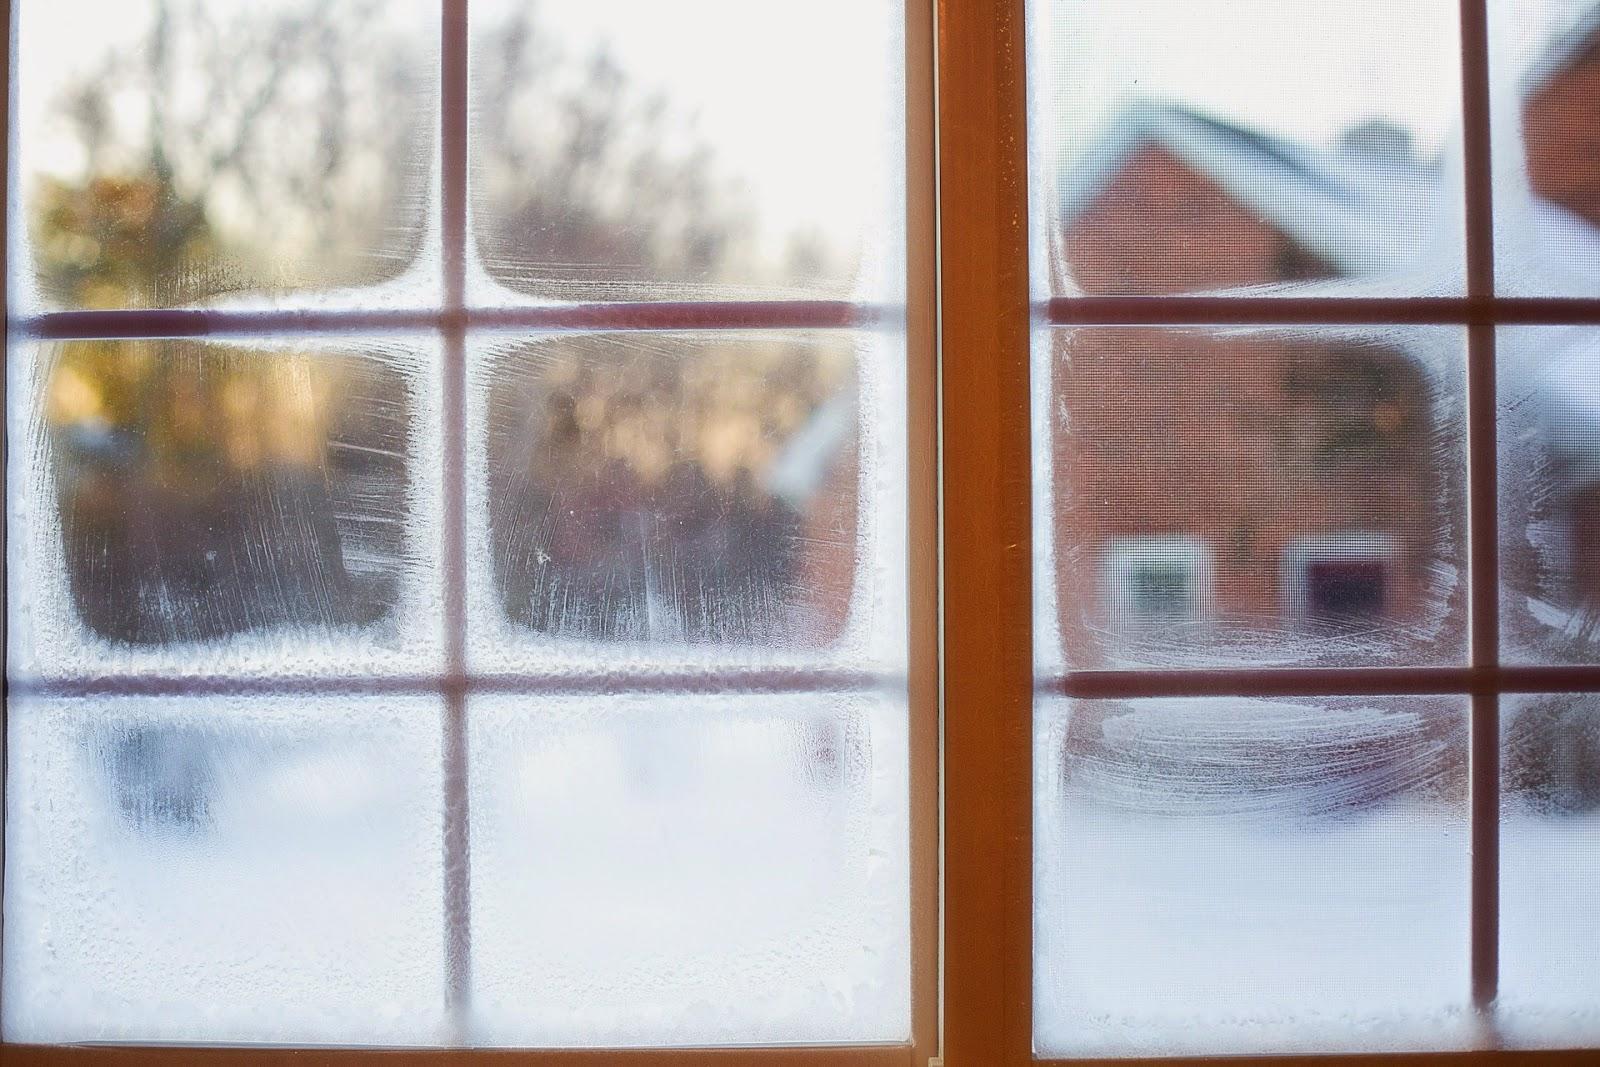 Как сделать мороз на окнах